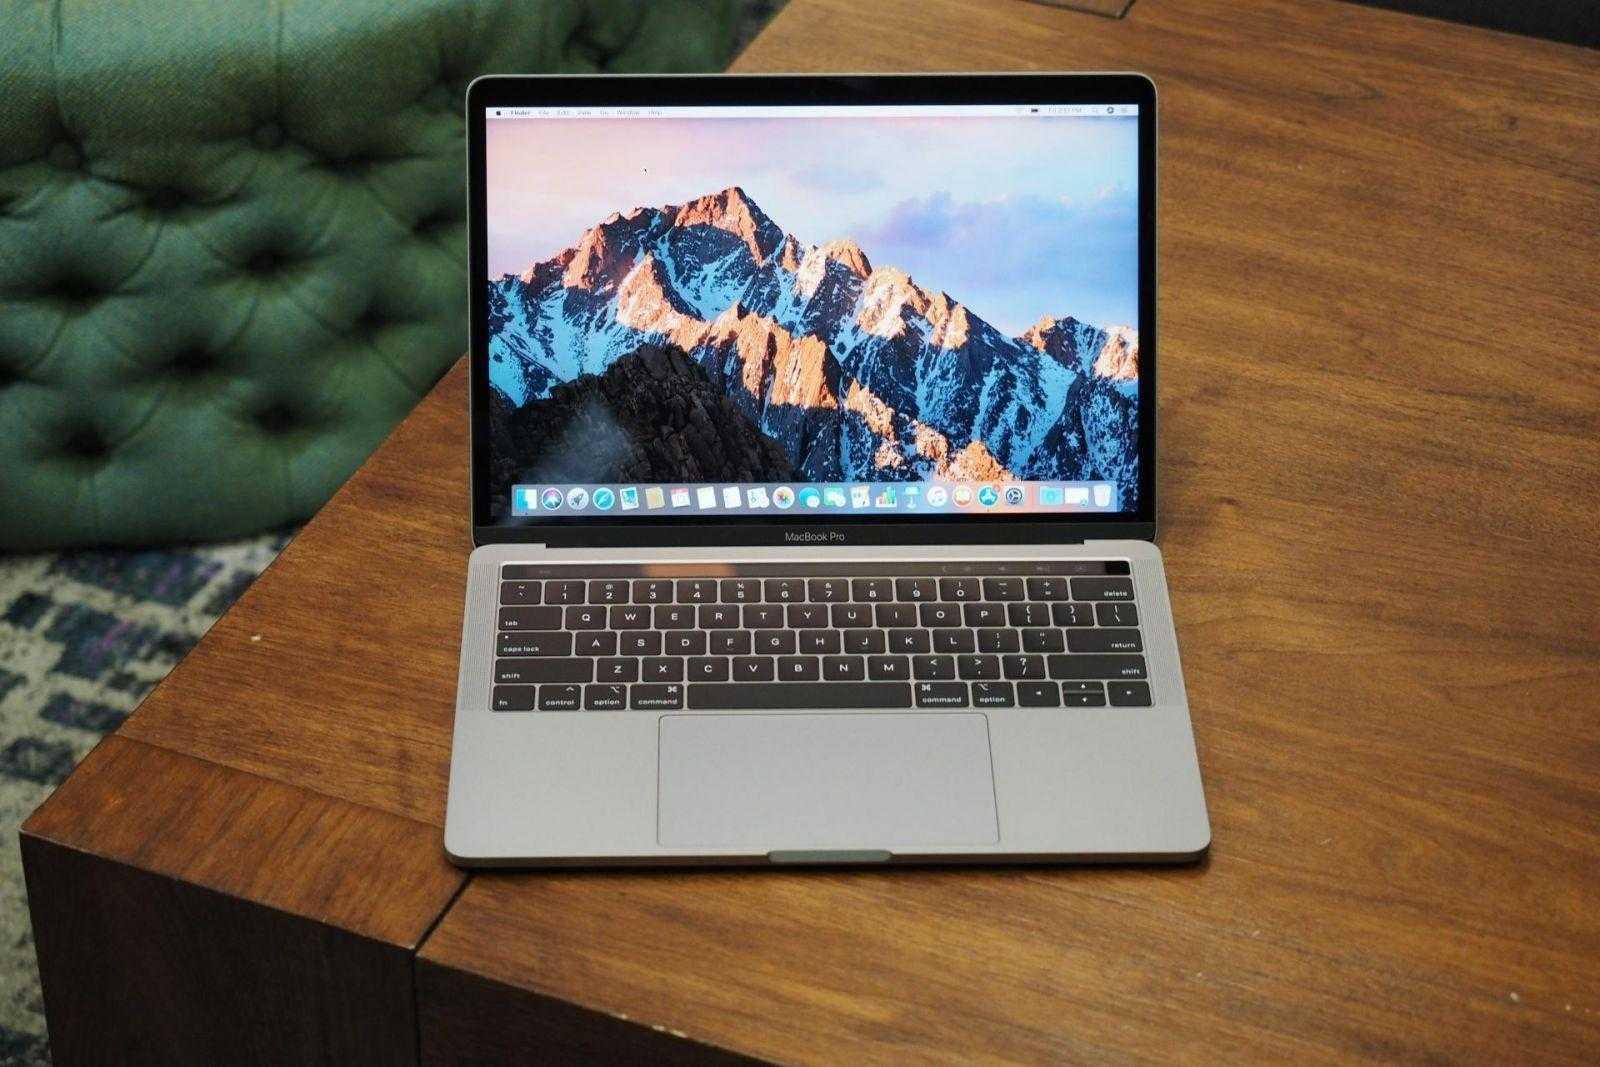 ТОП-9 крутых фишек Apple MacBook Pro 2018